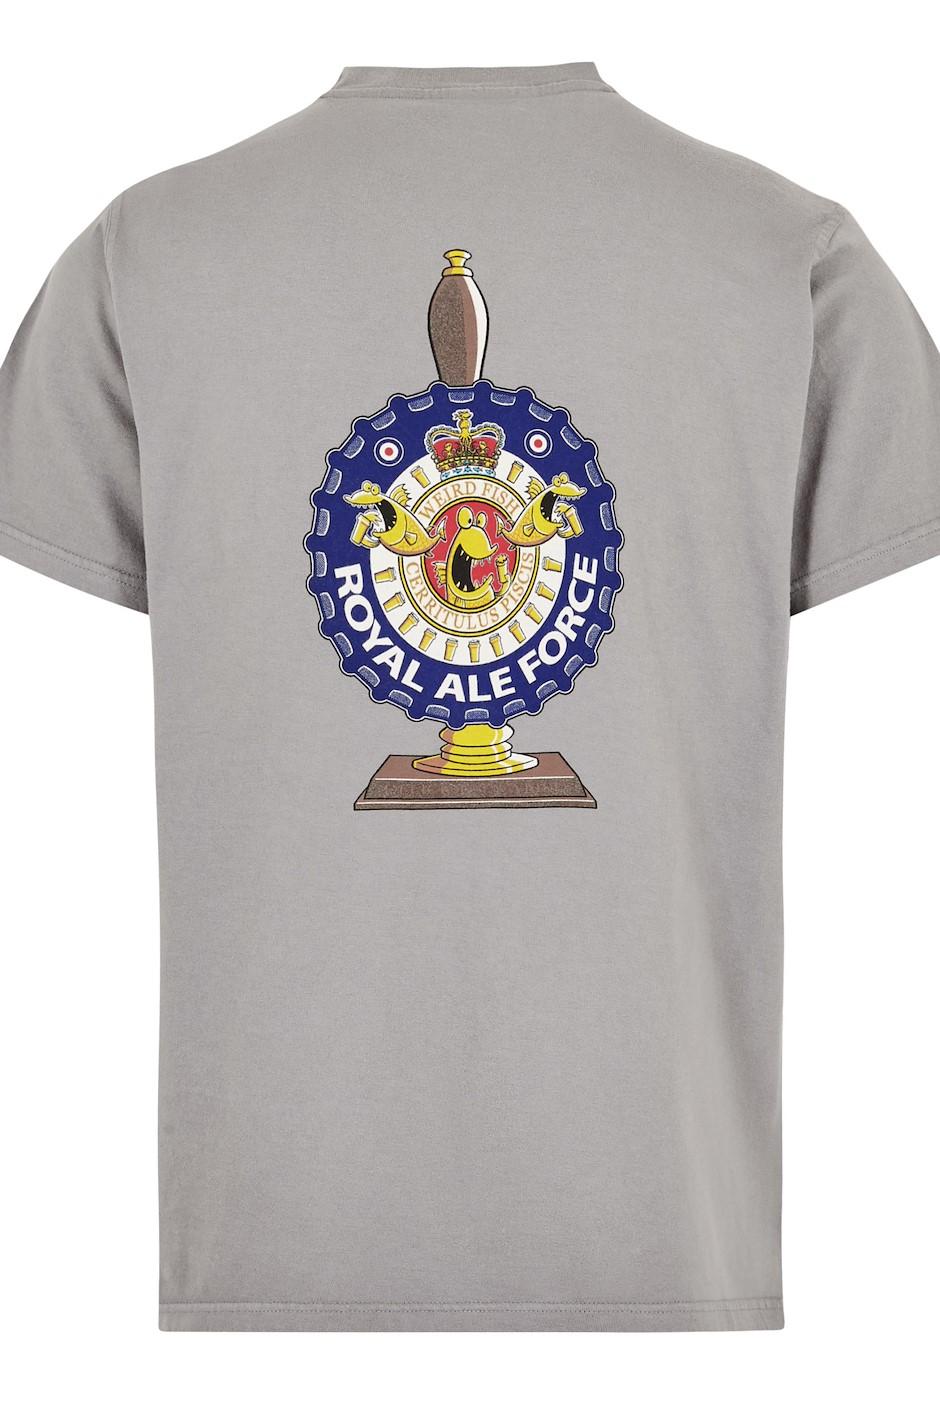 Royal Ale Force Artist T-Shirt Gunmetal